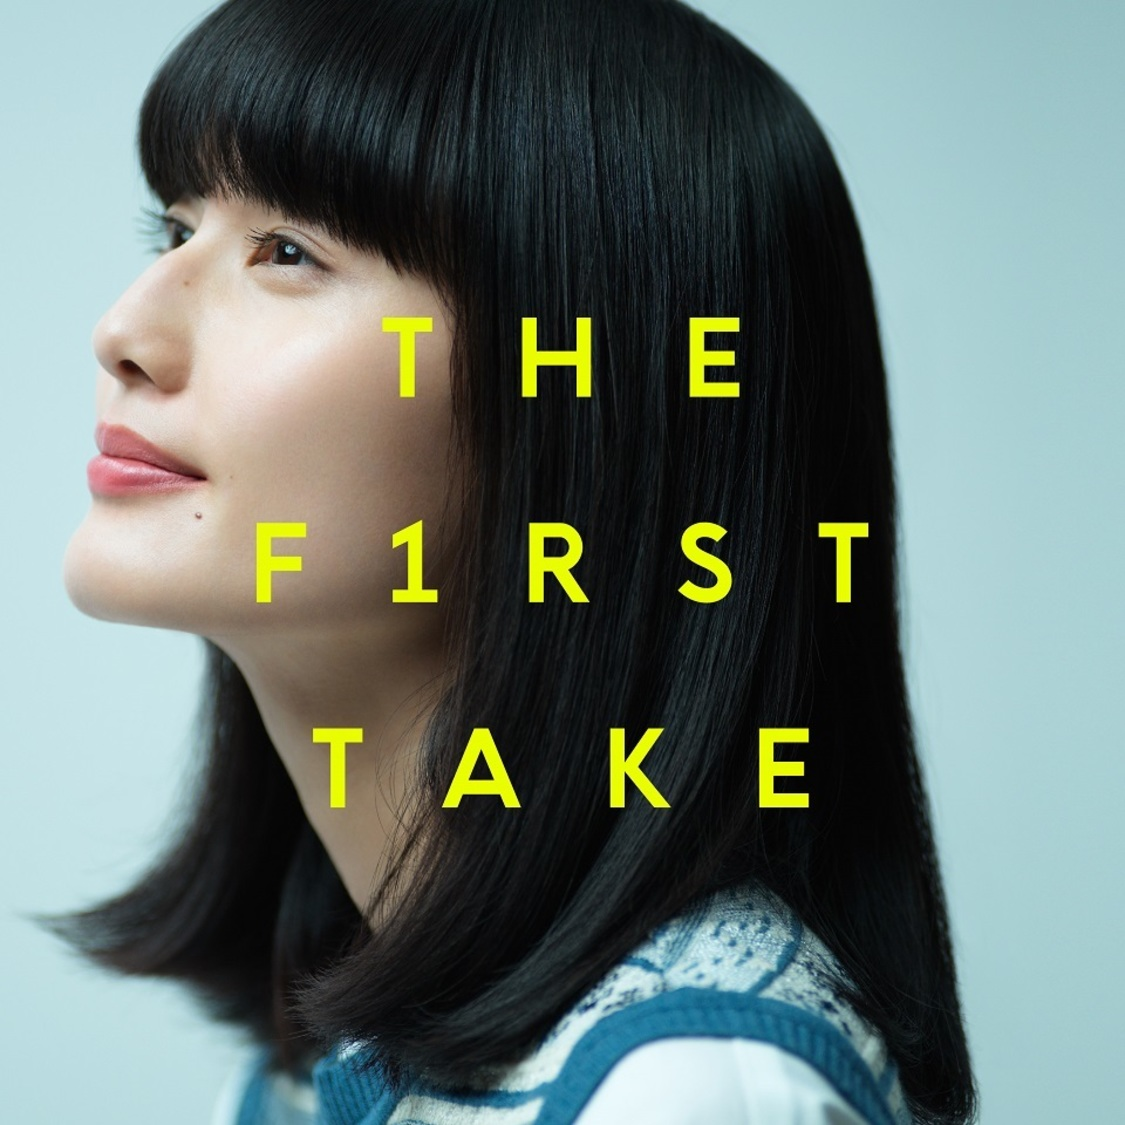 橋本愛、「木綿のハンカチーフ - From THE FIRST TAKE」音源の配信限定リリース決定!